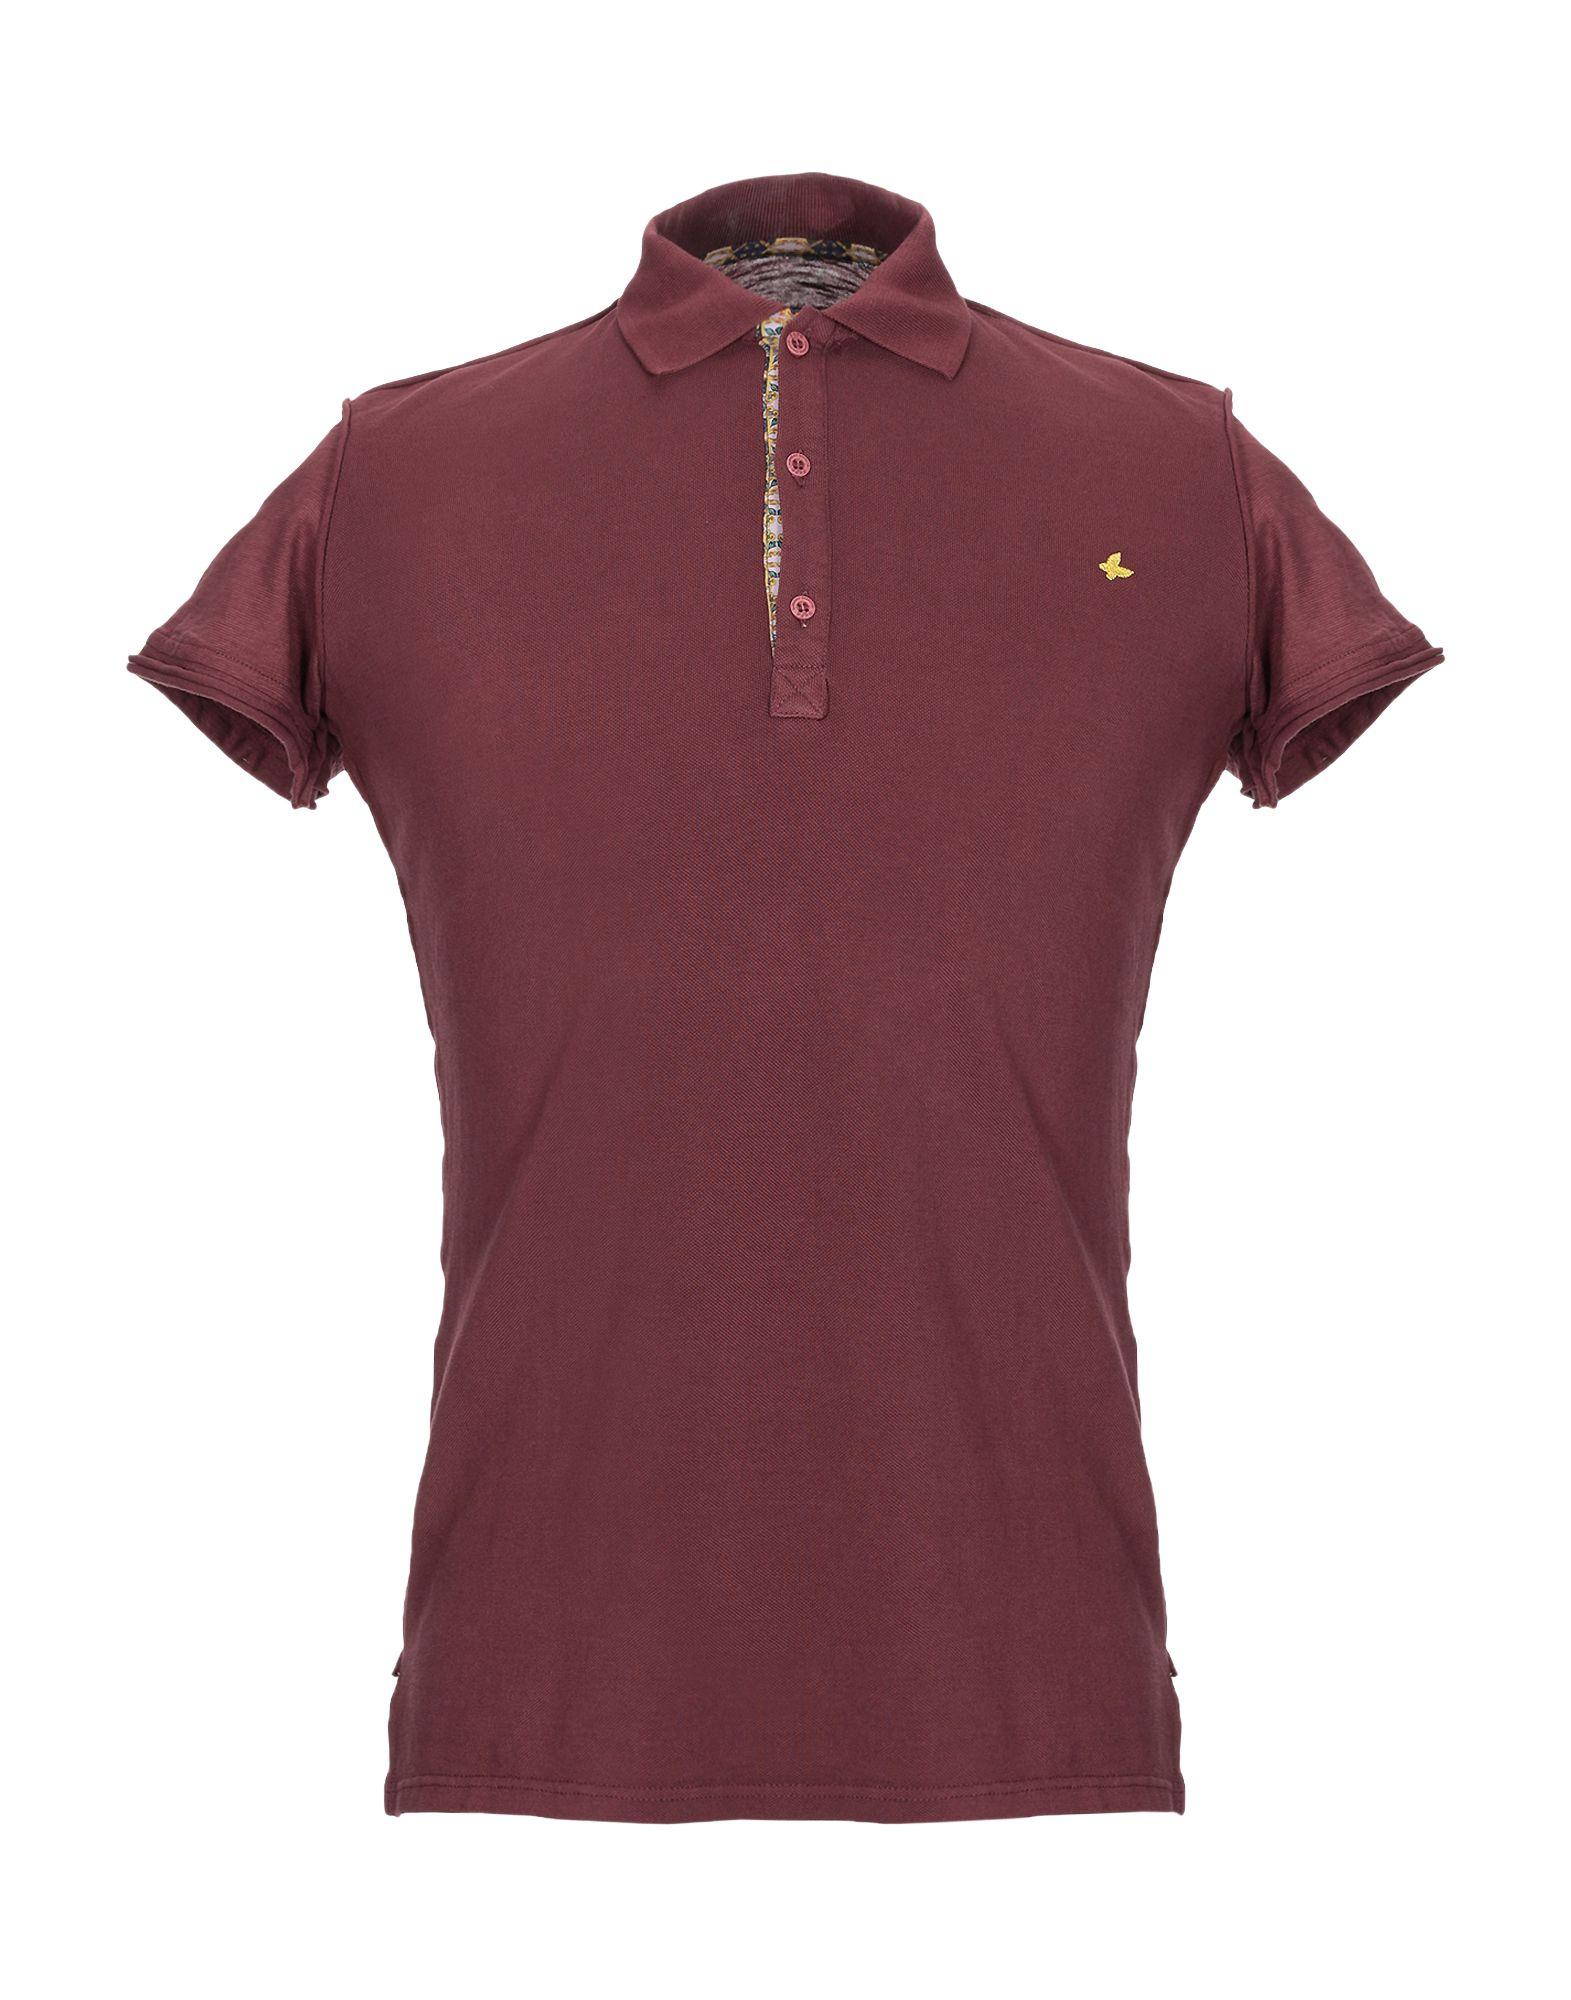 《送料無料》FEF? GLAMOUR POCHETTE メンズ ポロシャツ ボルドー S コットン 100%